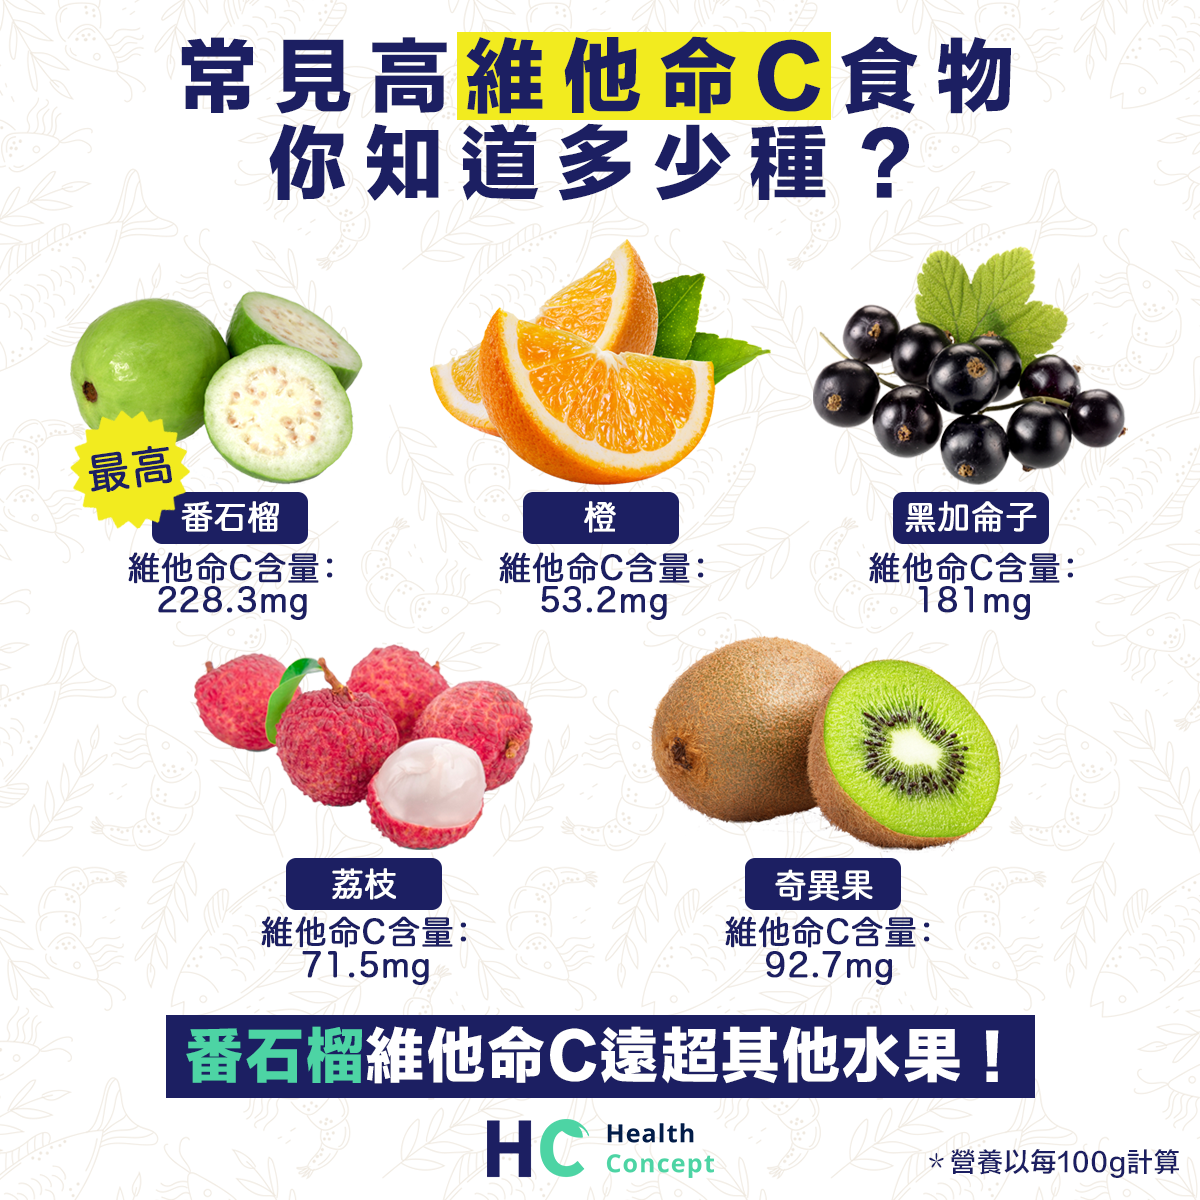 常見高維他命C食物 你知道多少種?